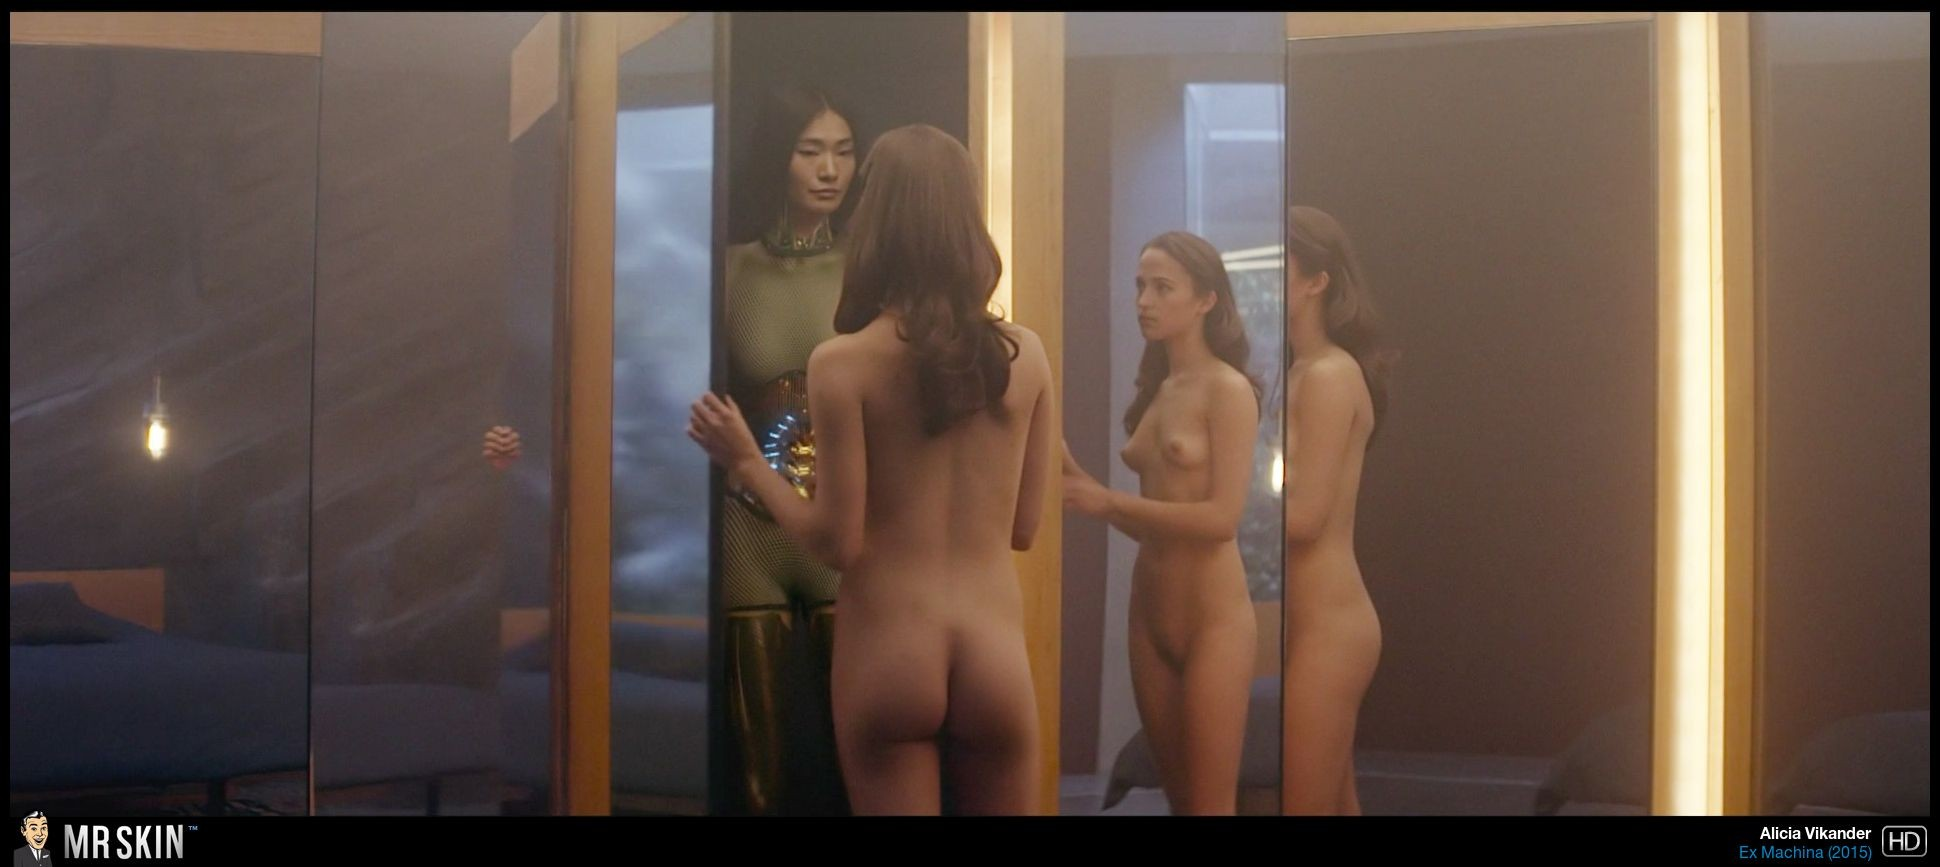 Alicia Vikander desnudas fotos 1